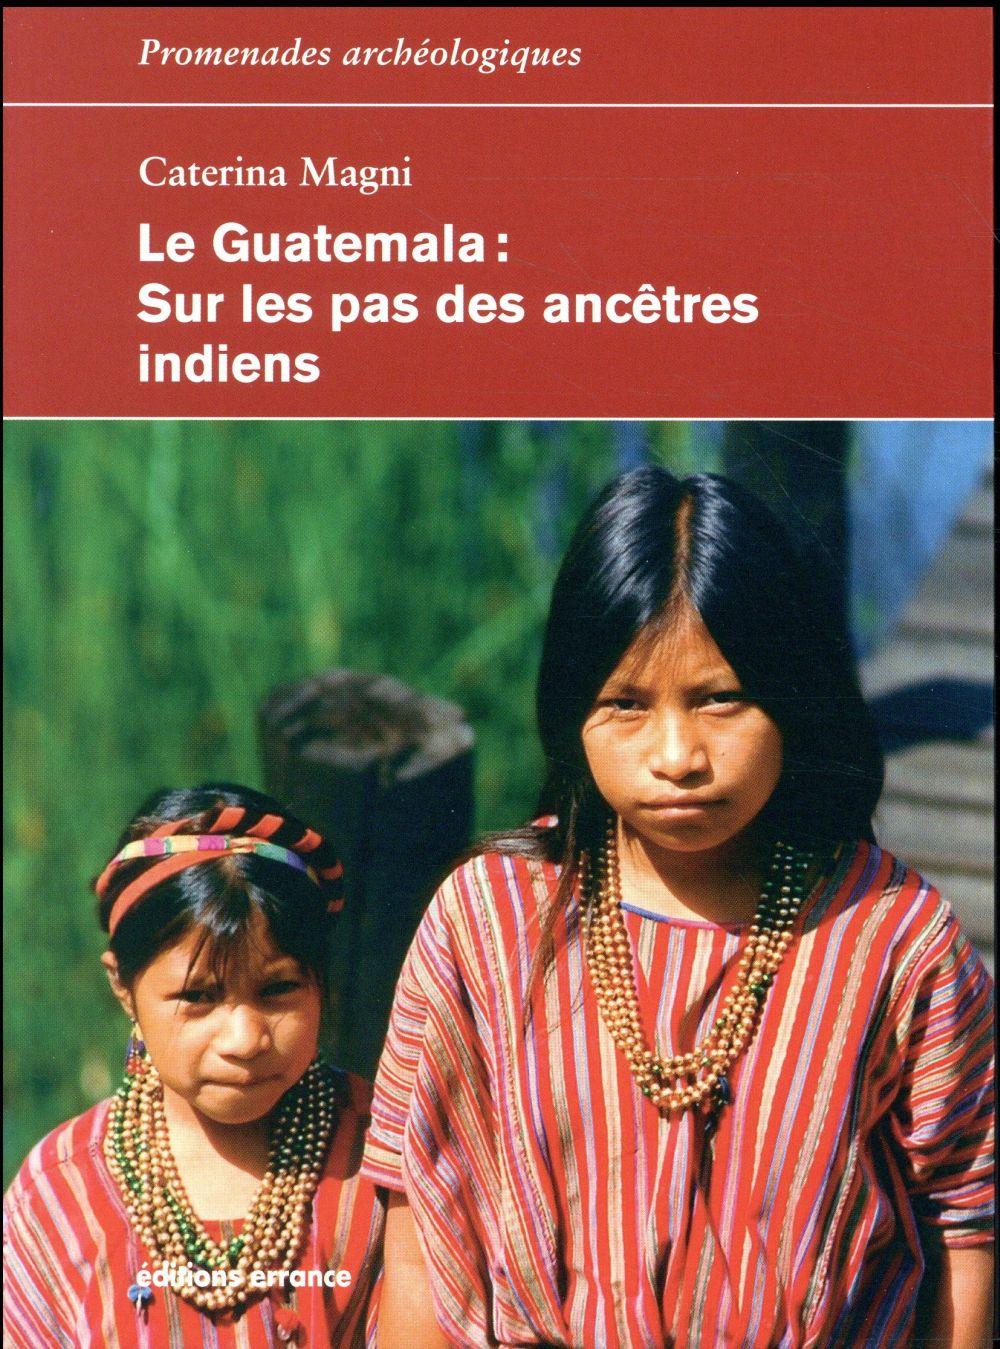 LE GUATEMALA - SUR LES PAS DES ANCETRES INDIENS